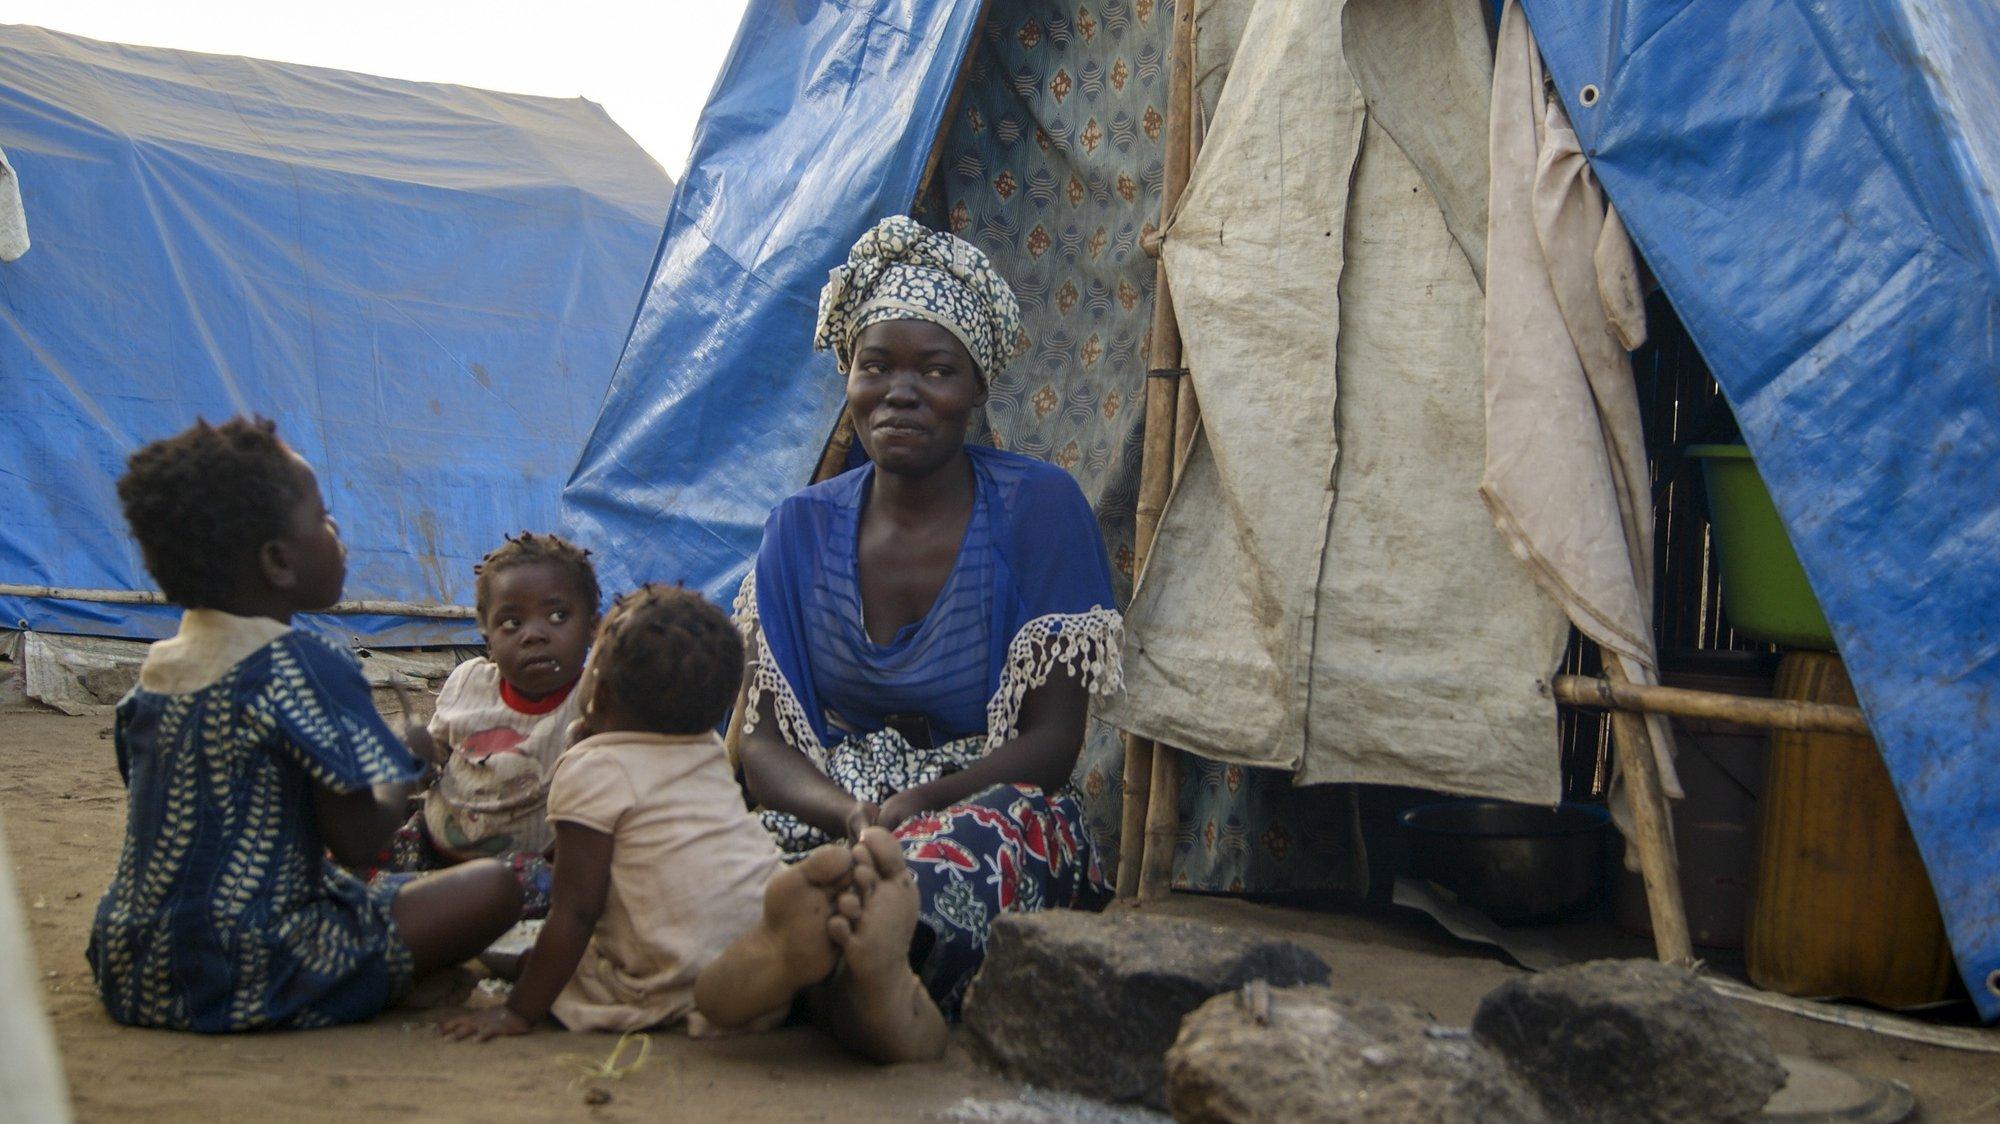 Uma mulher acompanhada por crianças num dos campos de acolhimento de deslocados em Metuge, espaço que alberga deslocados que fogem da violência armada no norte de Moçambique, Cabo Delgado, Moçambique, 16 de agosto de 2021. Na sequência dos ataques, que aterrorizam a província de Cabo Delgado desde 2017, há mais de 3.100 mortes, segundo o projeto de registo de conflitos ACLED, e mais de 817 mil deslocados, segundo as autoridades moçambicanas. (ACOMPANHA TEXTO DA LUSA DO DIA 17 DE AGOSTO DE 2021). LUÍSA NHANTUMBO/LUSA